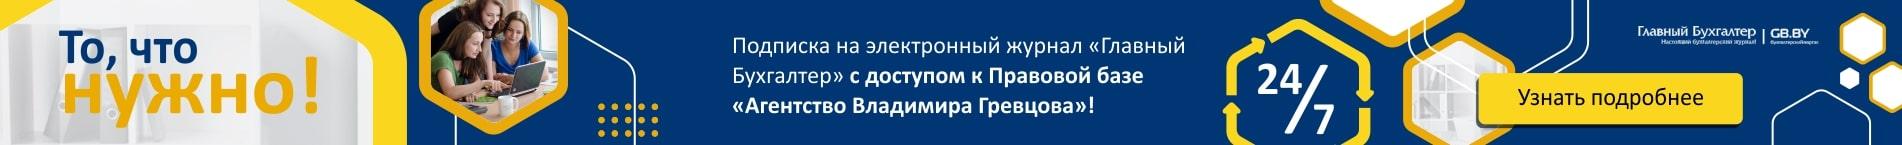 top-banner